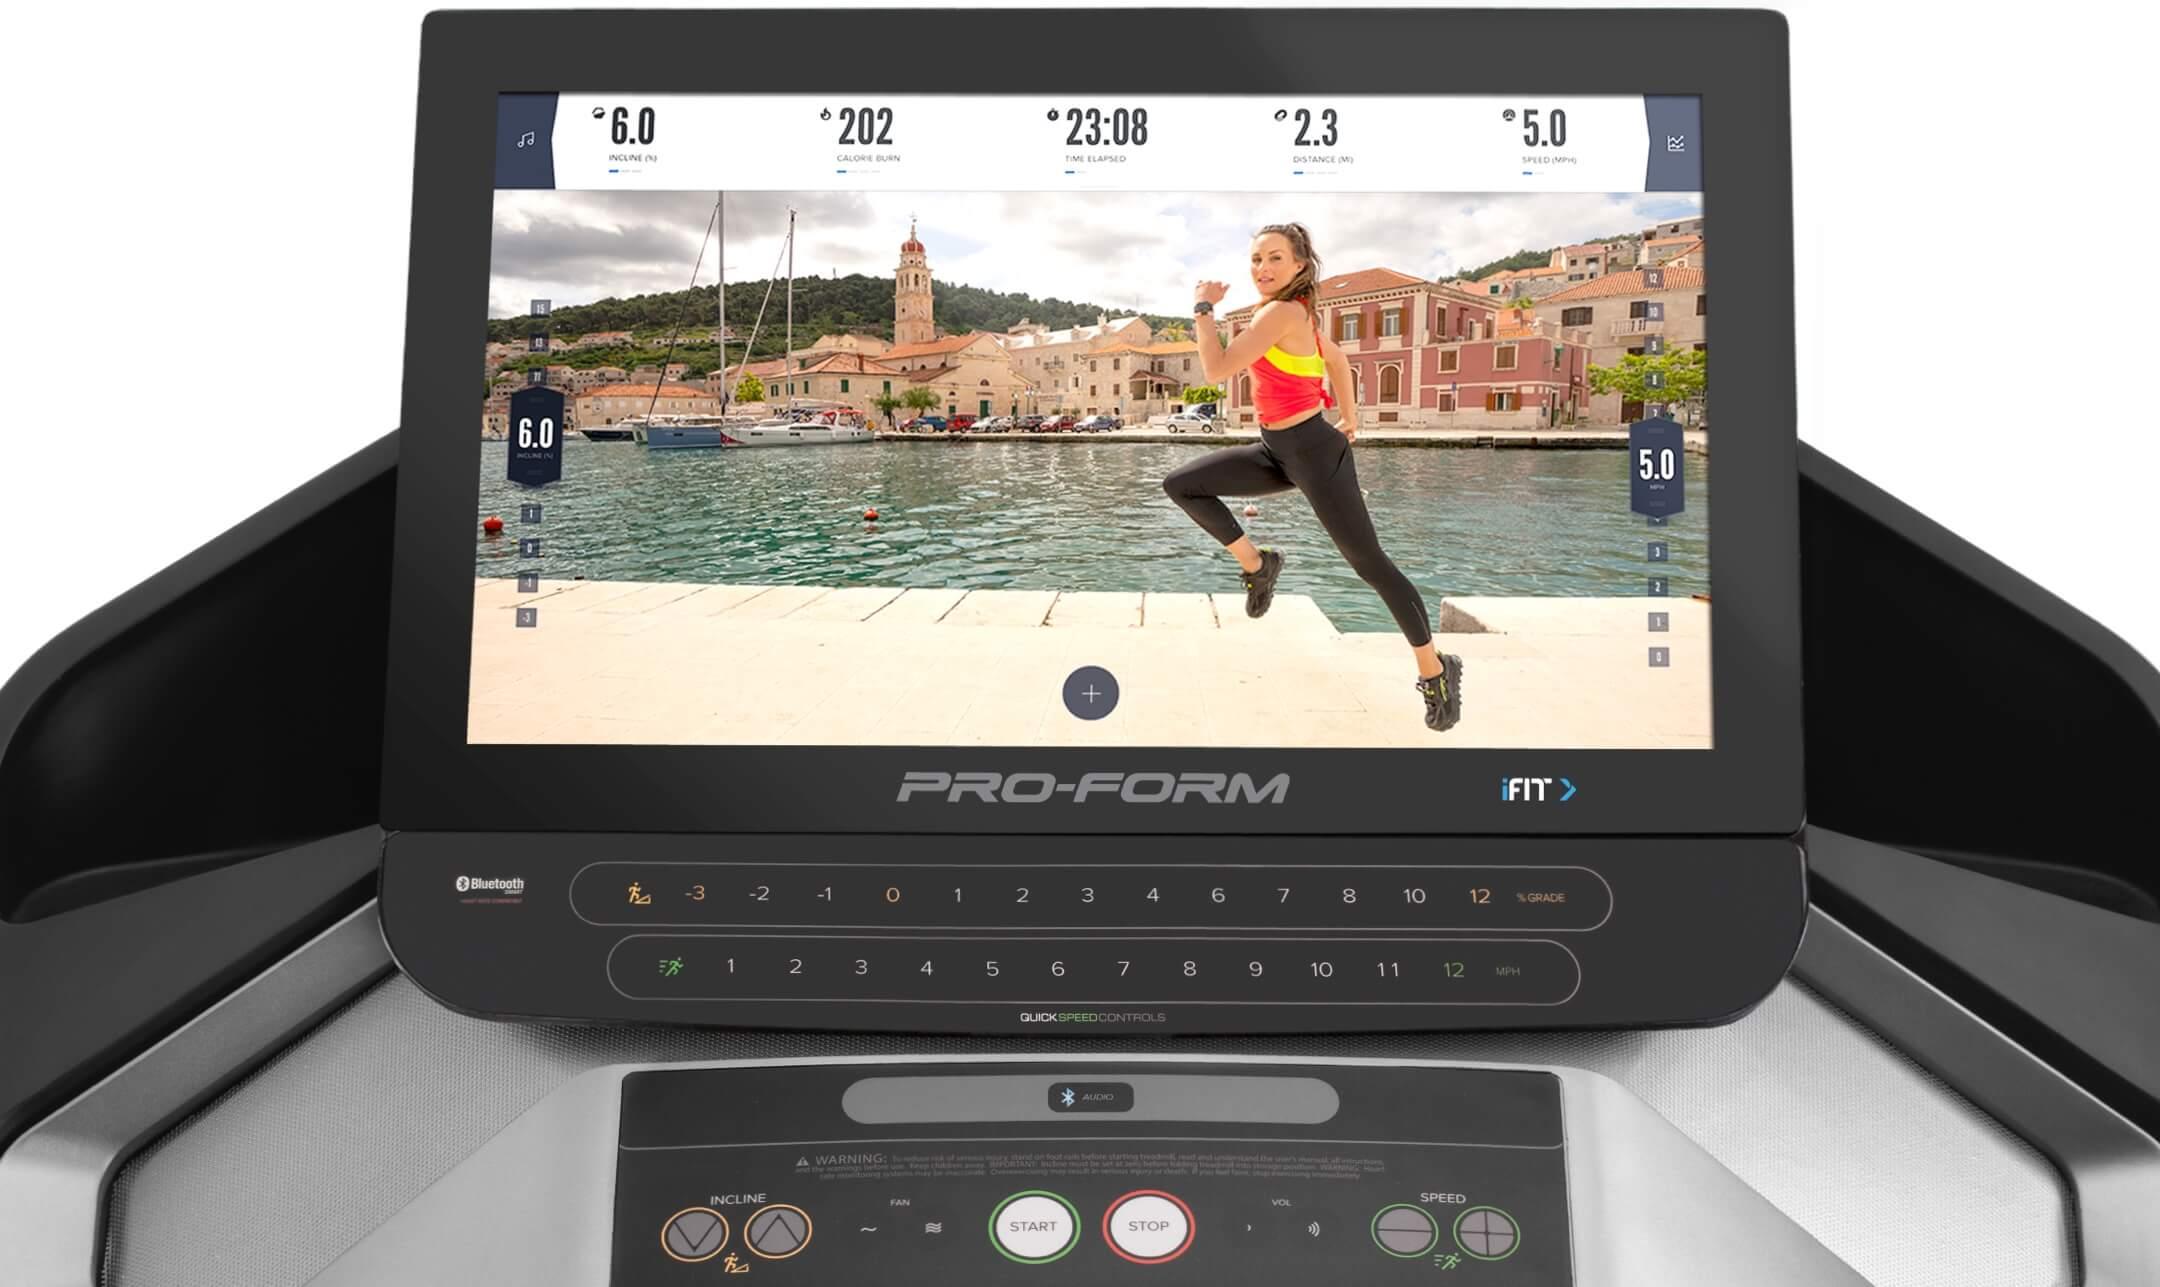 ProForm Pro 9000 Treadmill Main Console